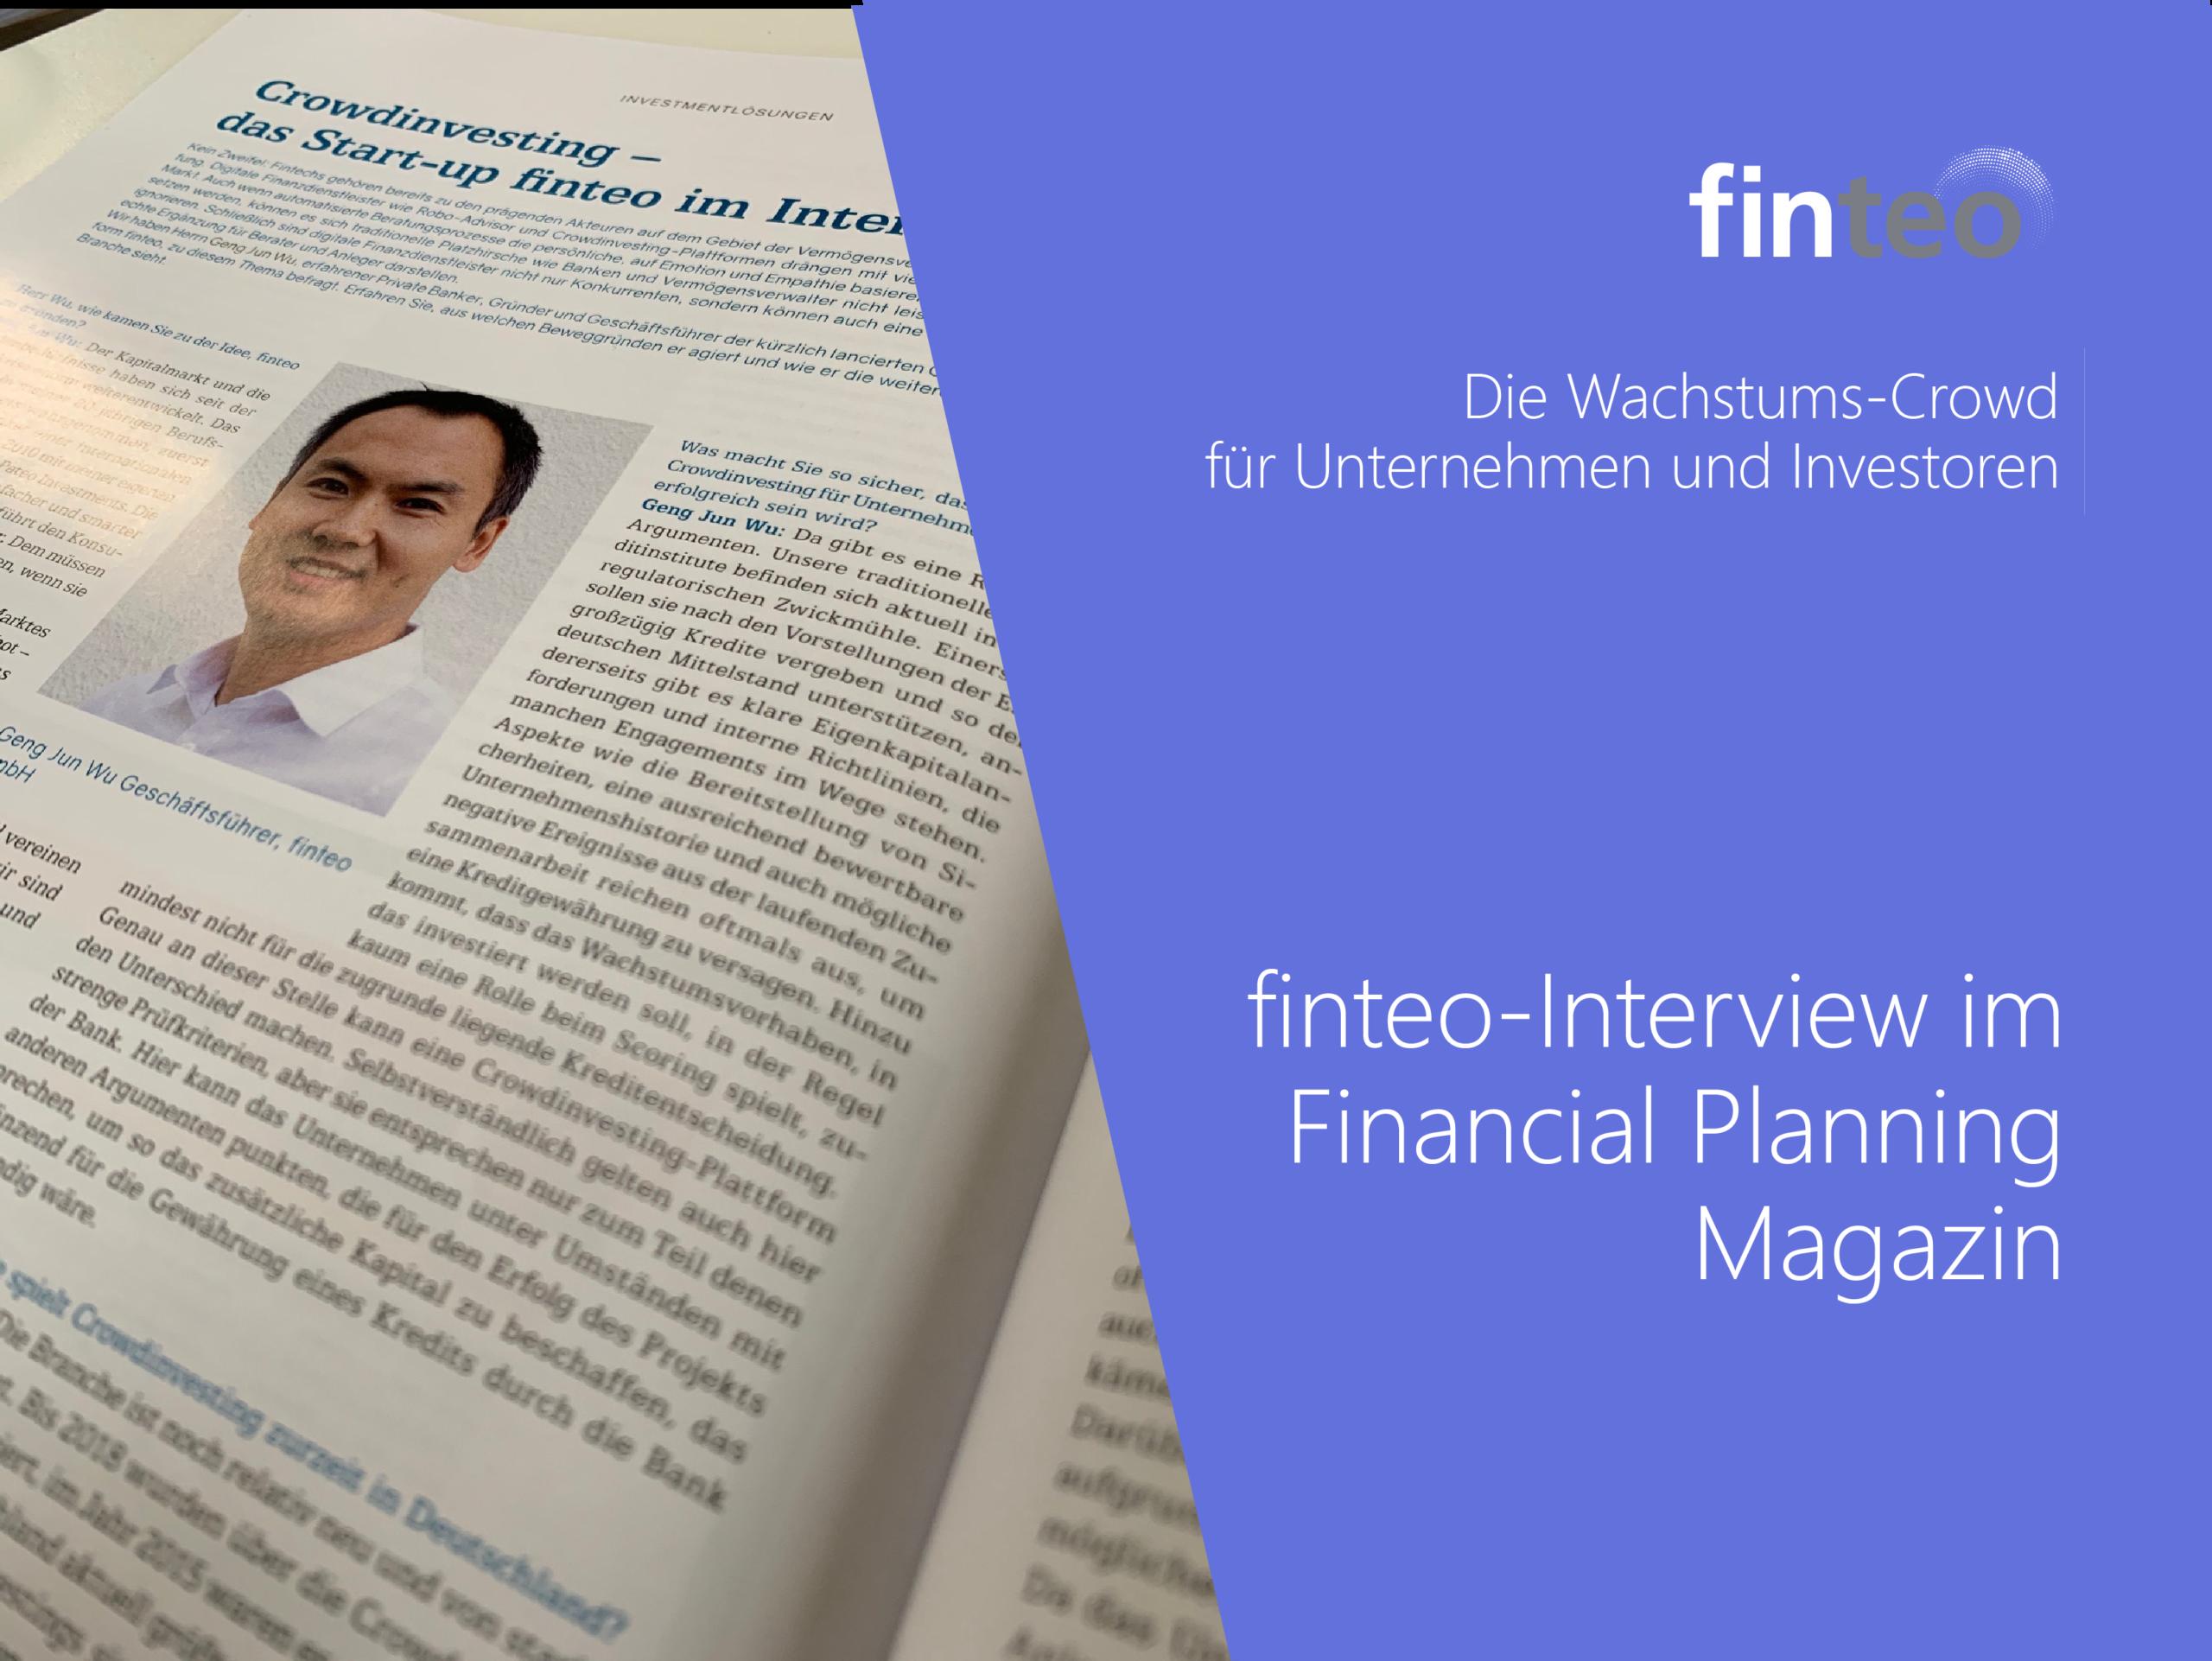 finteo-Interview im Financial Planning Magazin